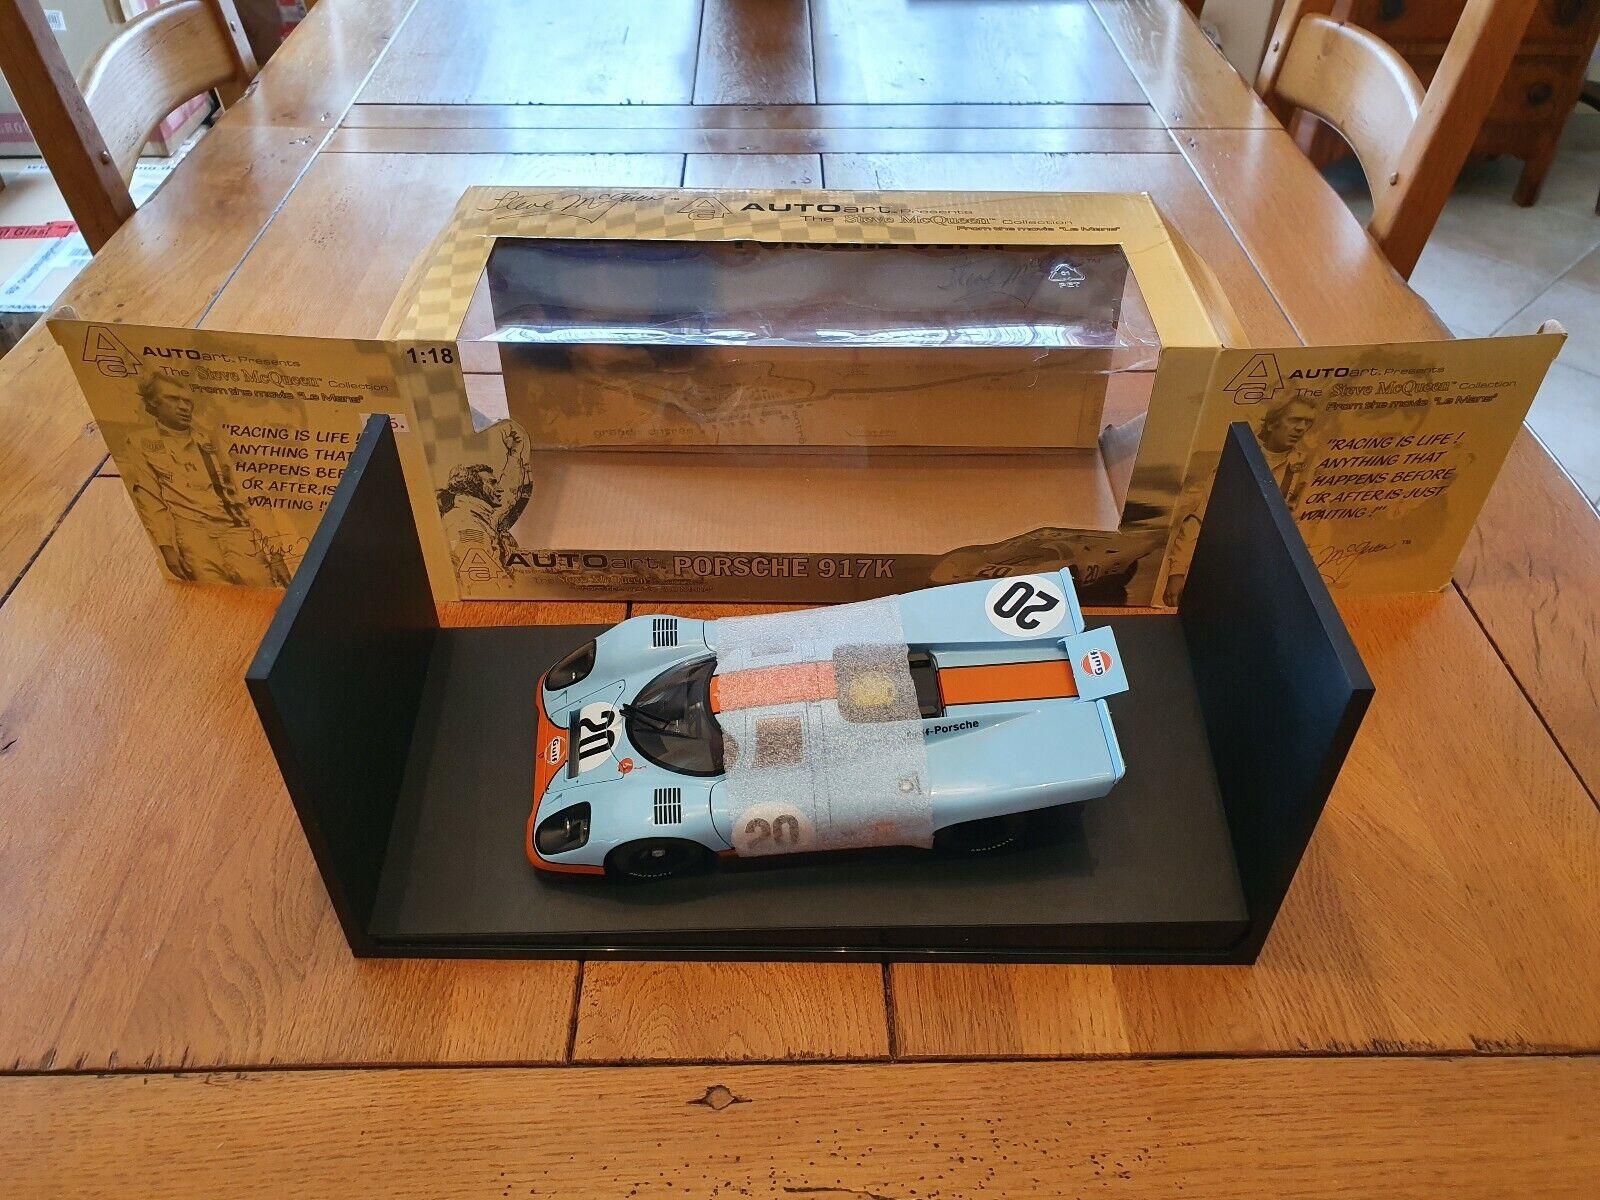 118 AUTOart GULF Porsche 917K  20 Steeve Mcregina LE uomoS movie primero edizione